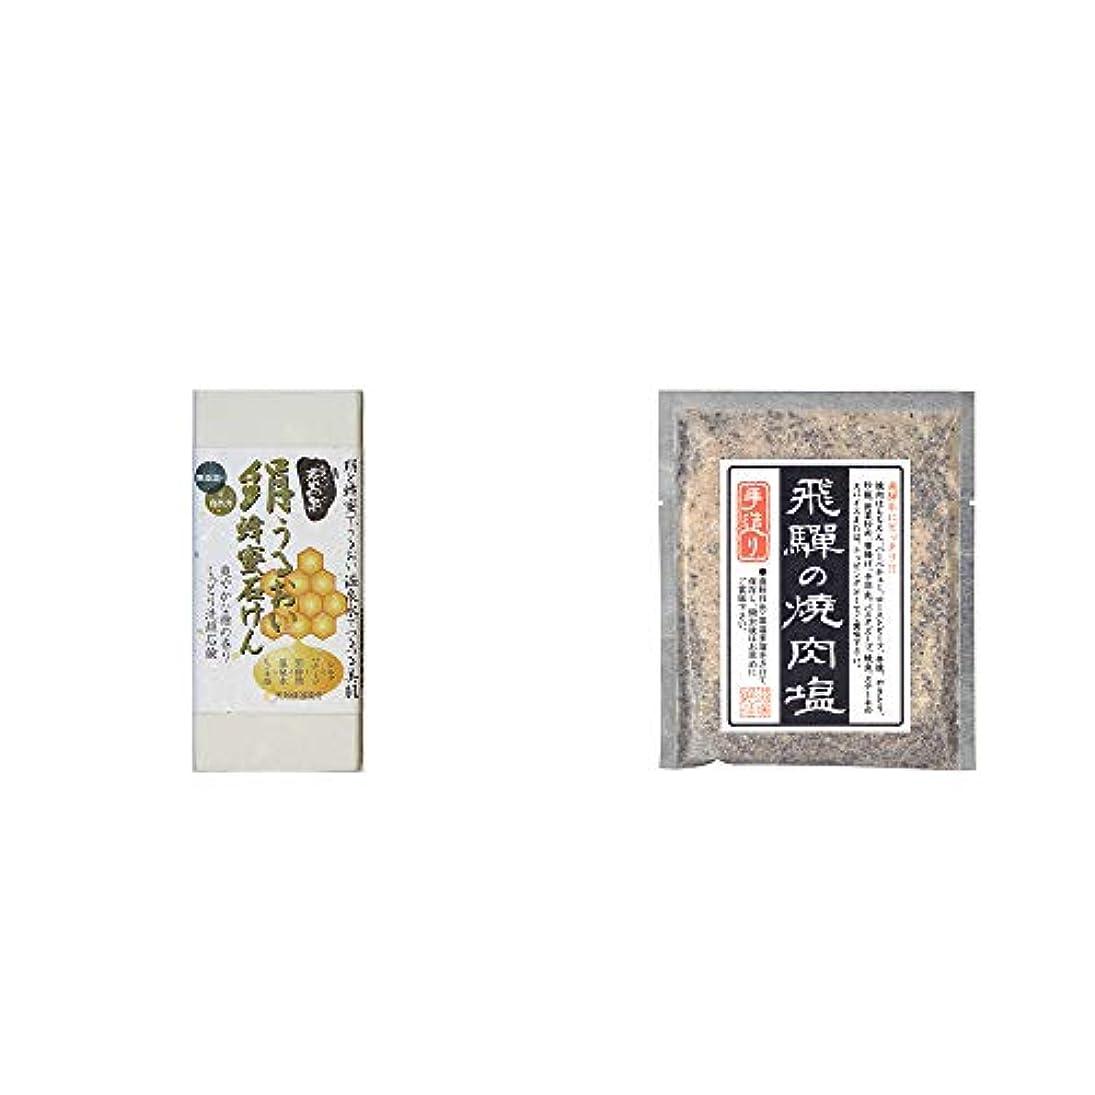 読書交通渋滞プレート[2点セット] ひのき炭黒泉 絹うるおい蜂蜜石けん(75g×2)?手造り 飛騨の焼肉塩(80g)